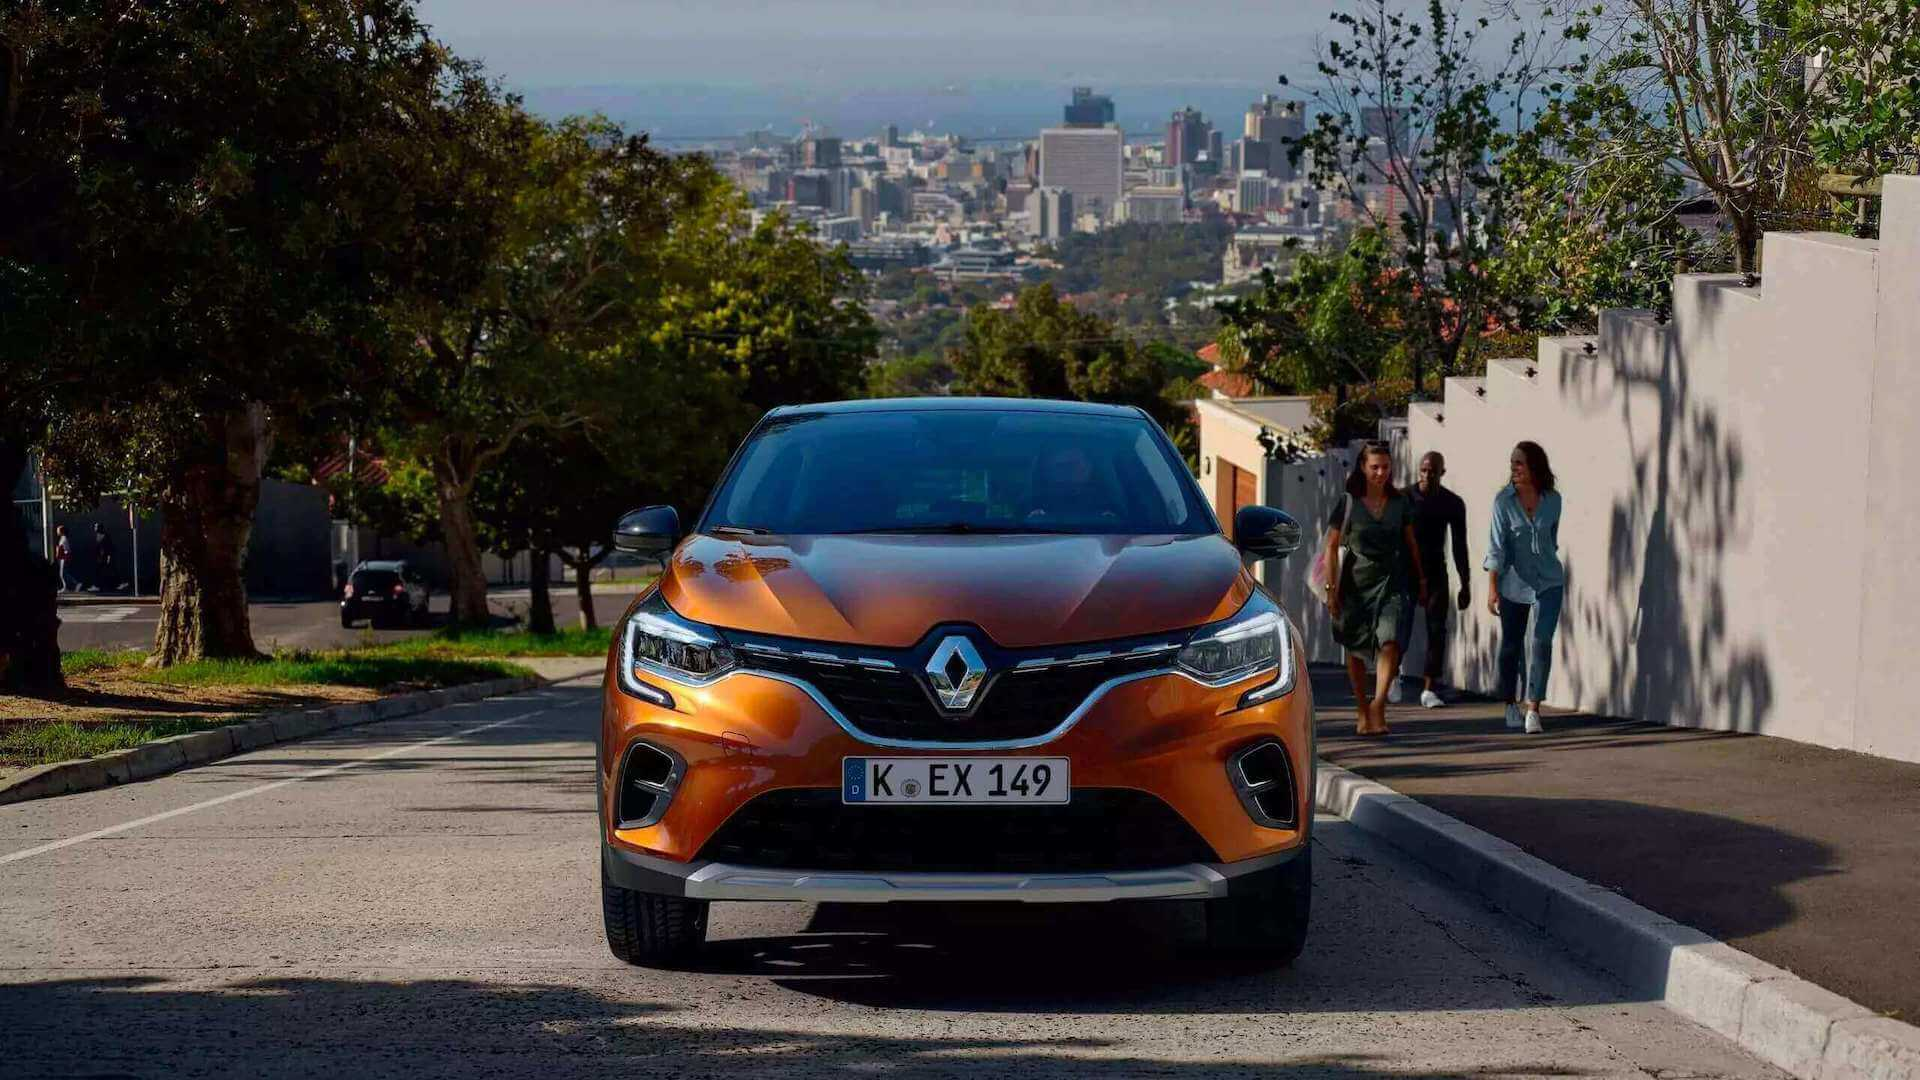 Frontansicht - orangenes Auto auf einer Straße - Renault Captur - Renault Ahrens Hannover